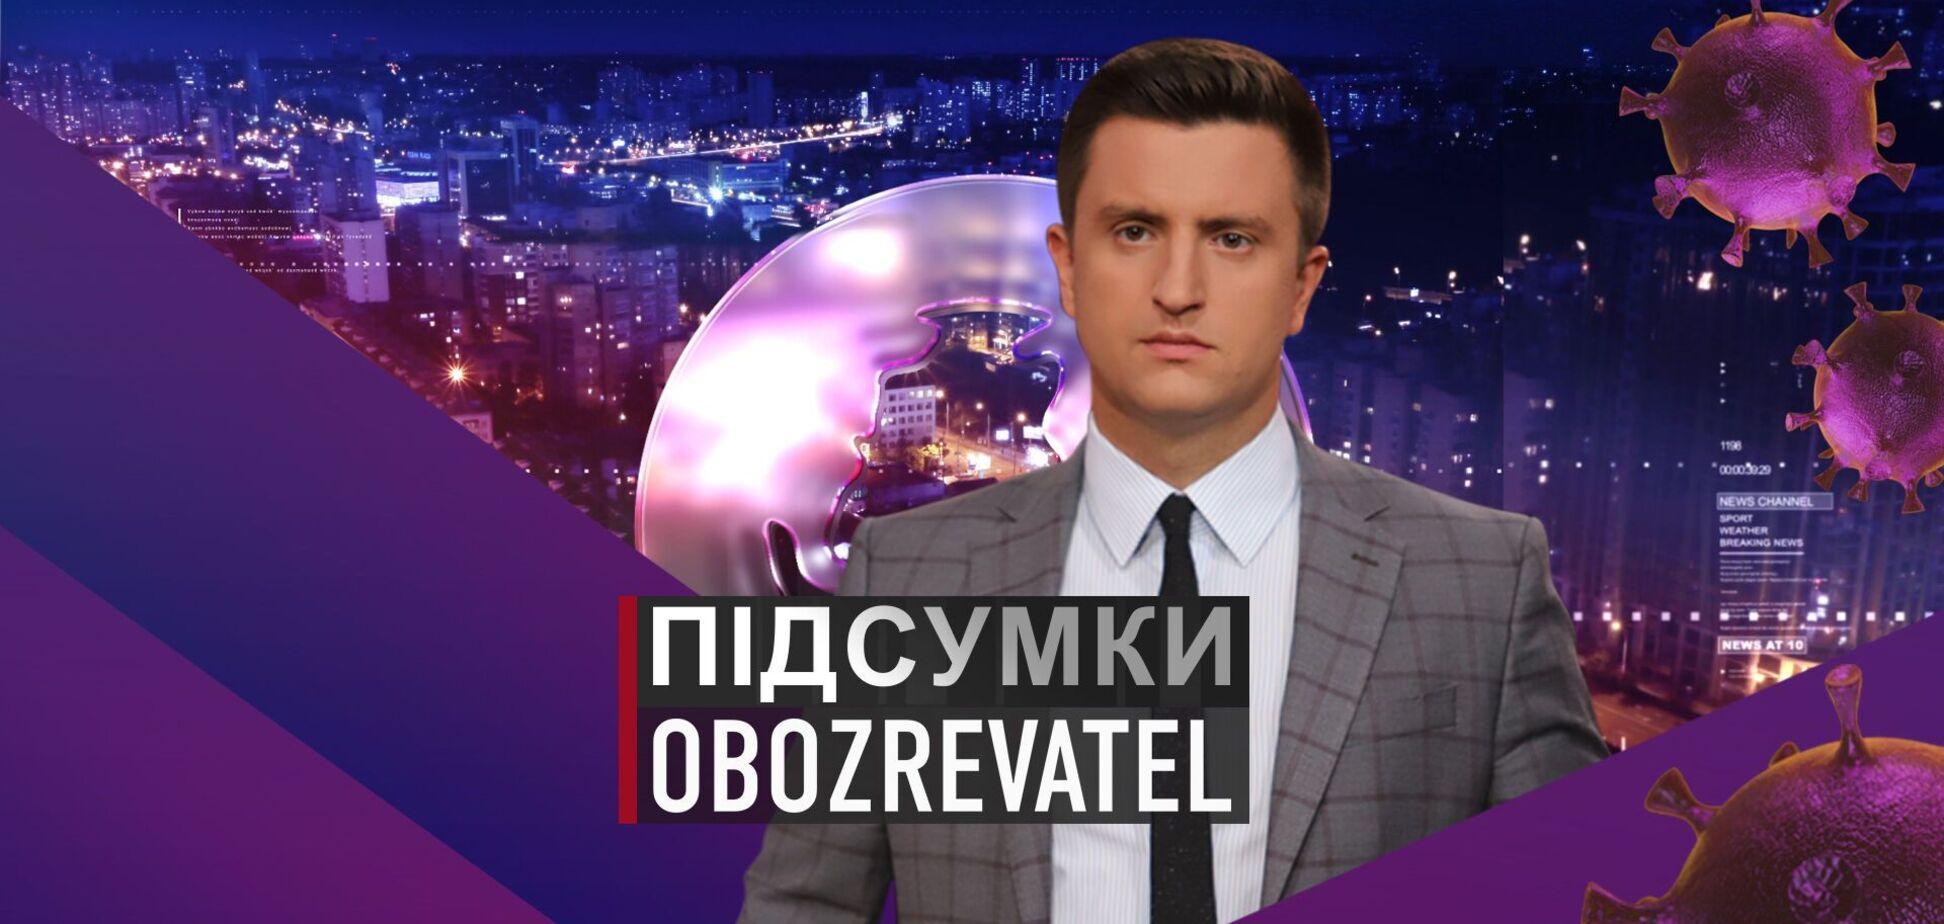 Підсумки с Вадимом Колодийчуком. Среда, 21 апреля